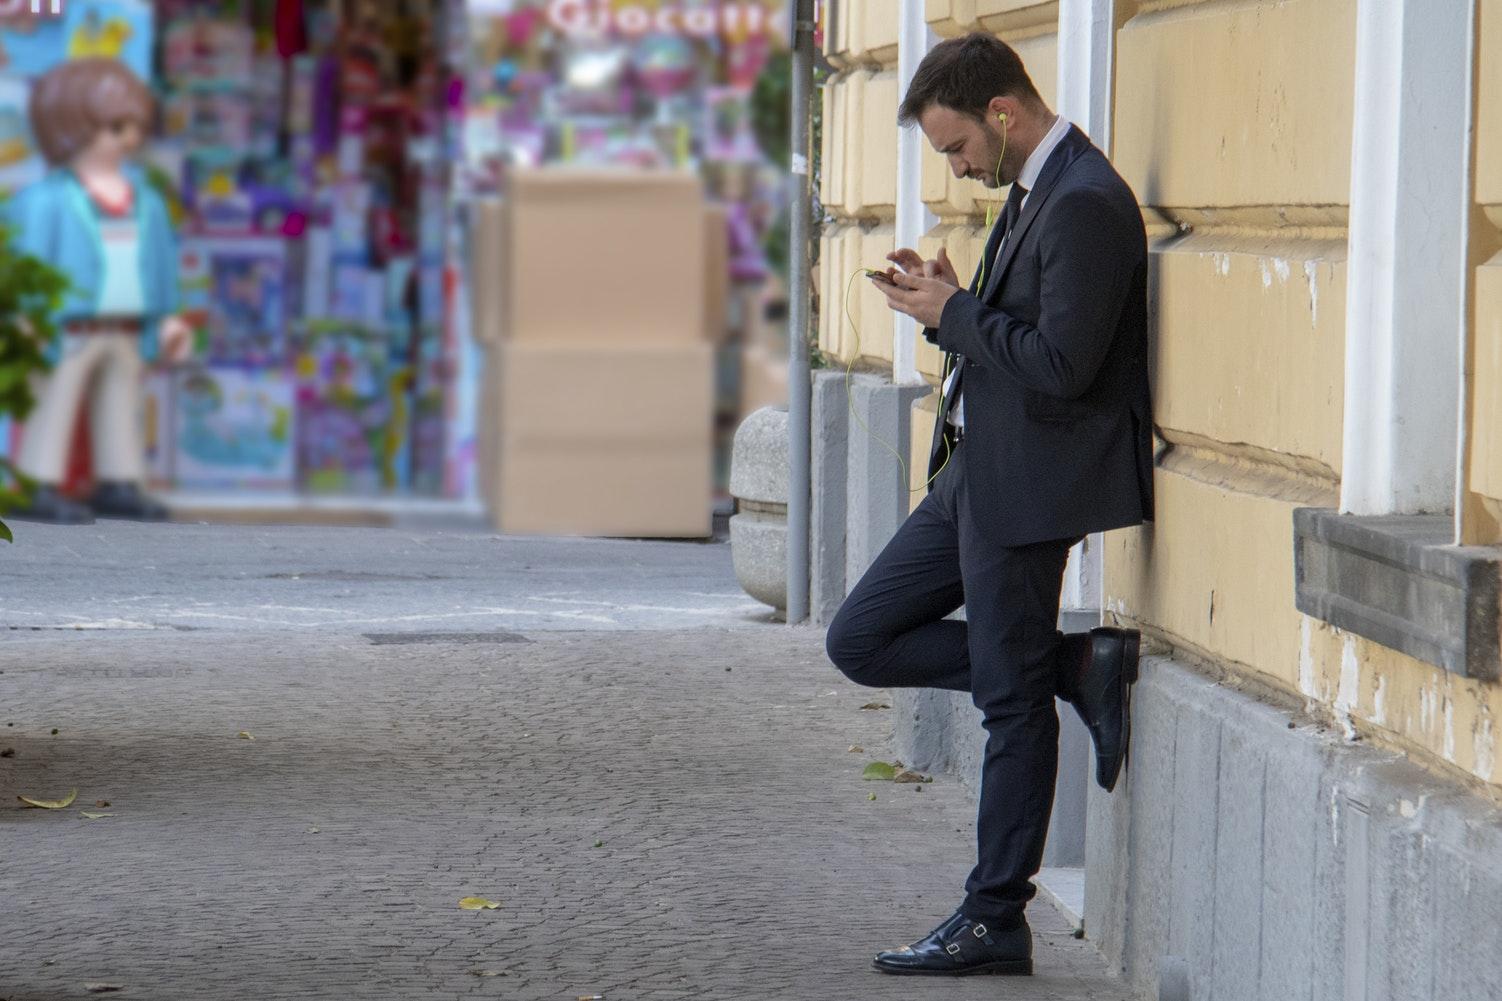 屋外で壁にもたれかかりながらiPhoneをいじる男性